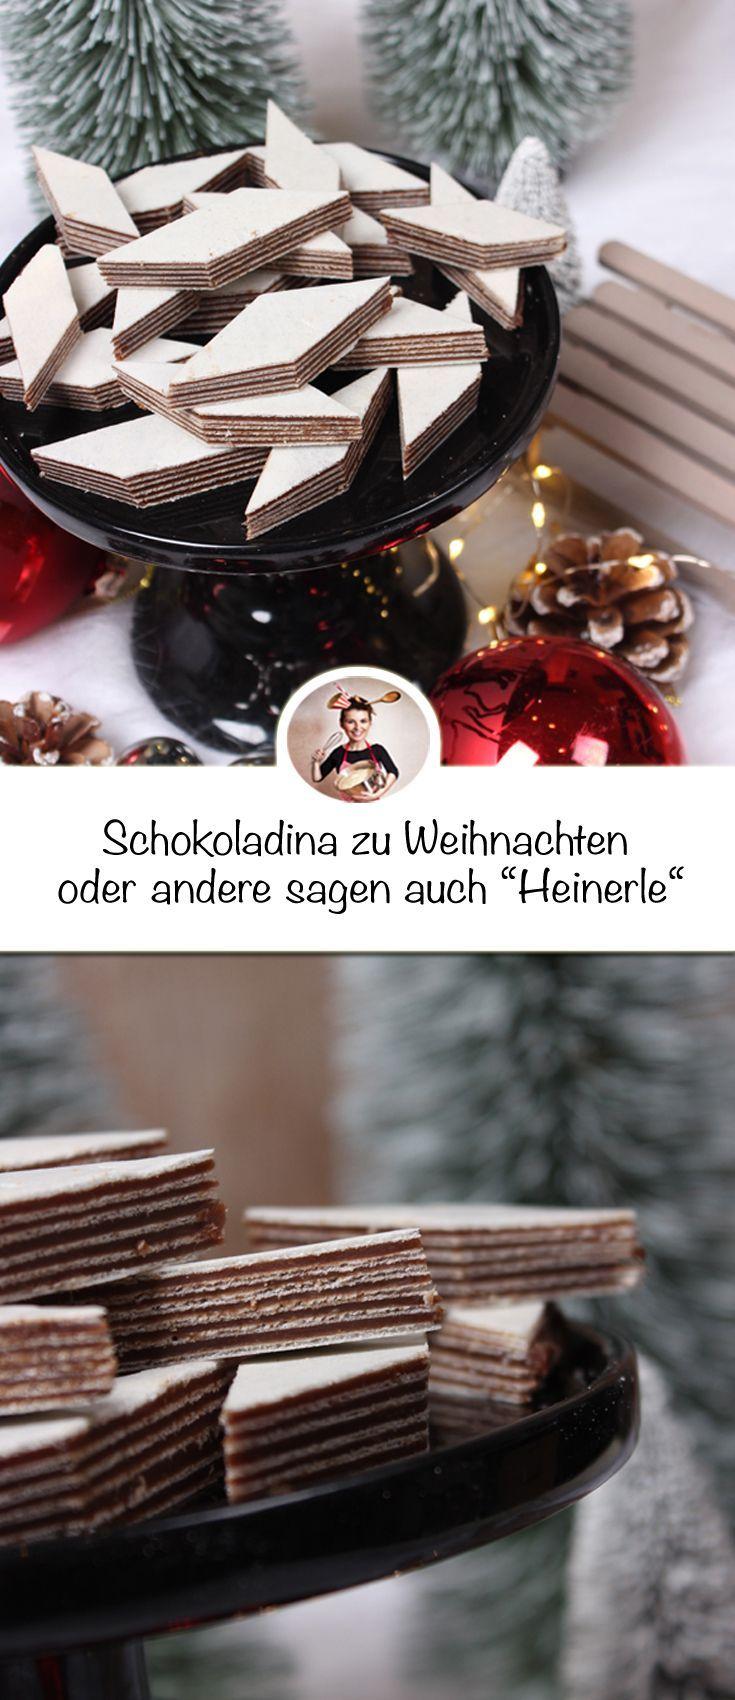 """Schokoladina zu Weihnachten oder andere sagen auch """"Heinerle"""" dürfen in der …"""